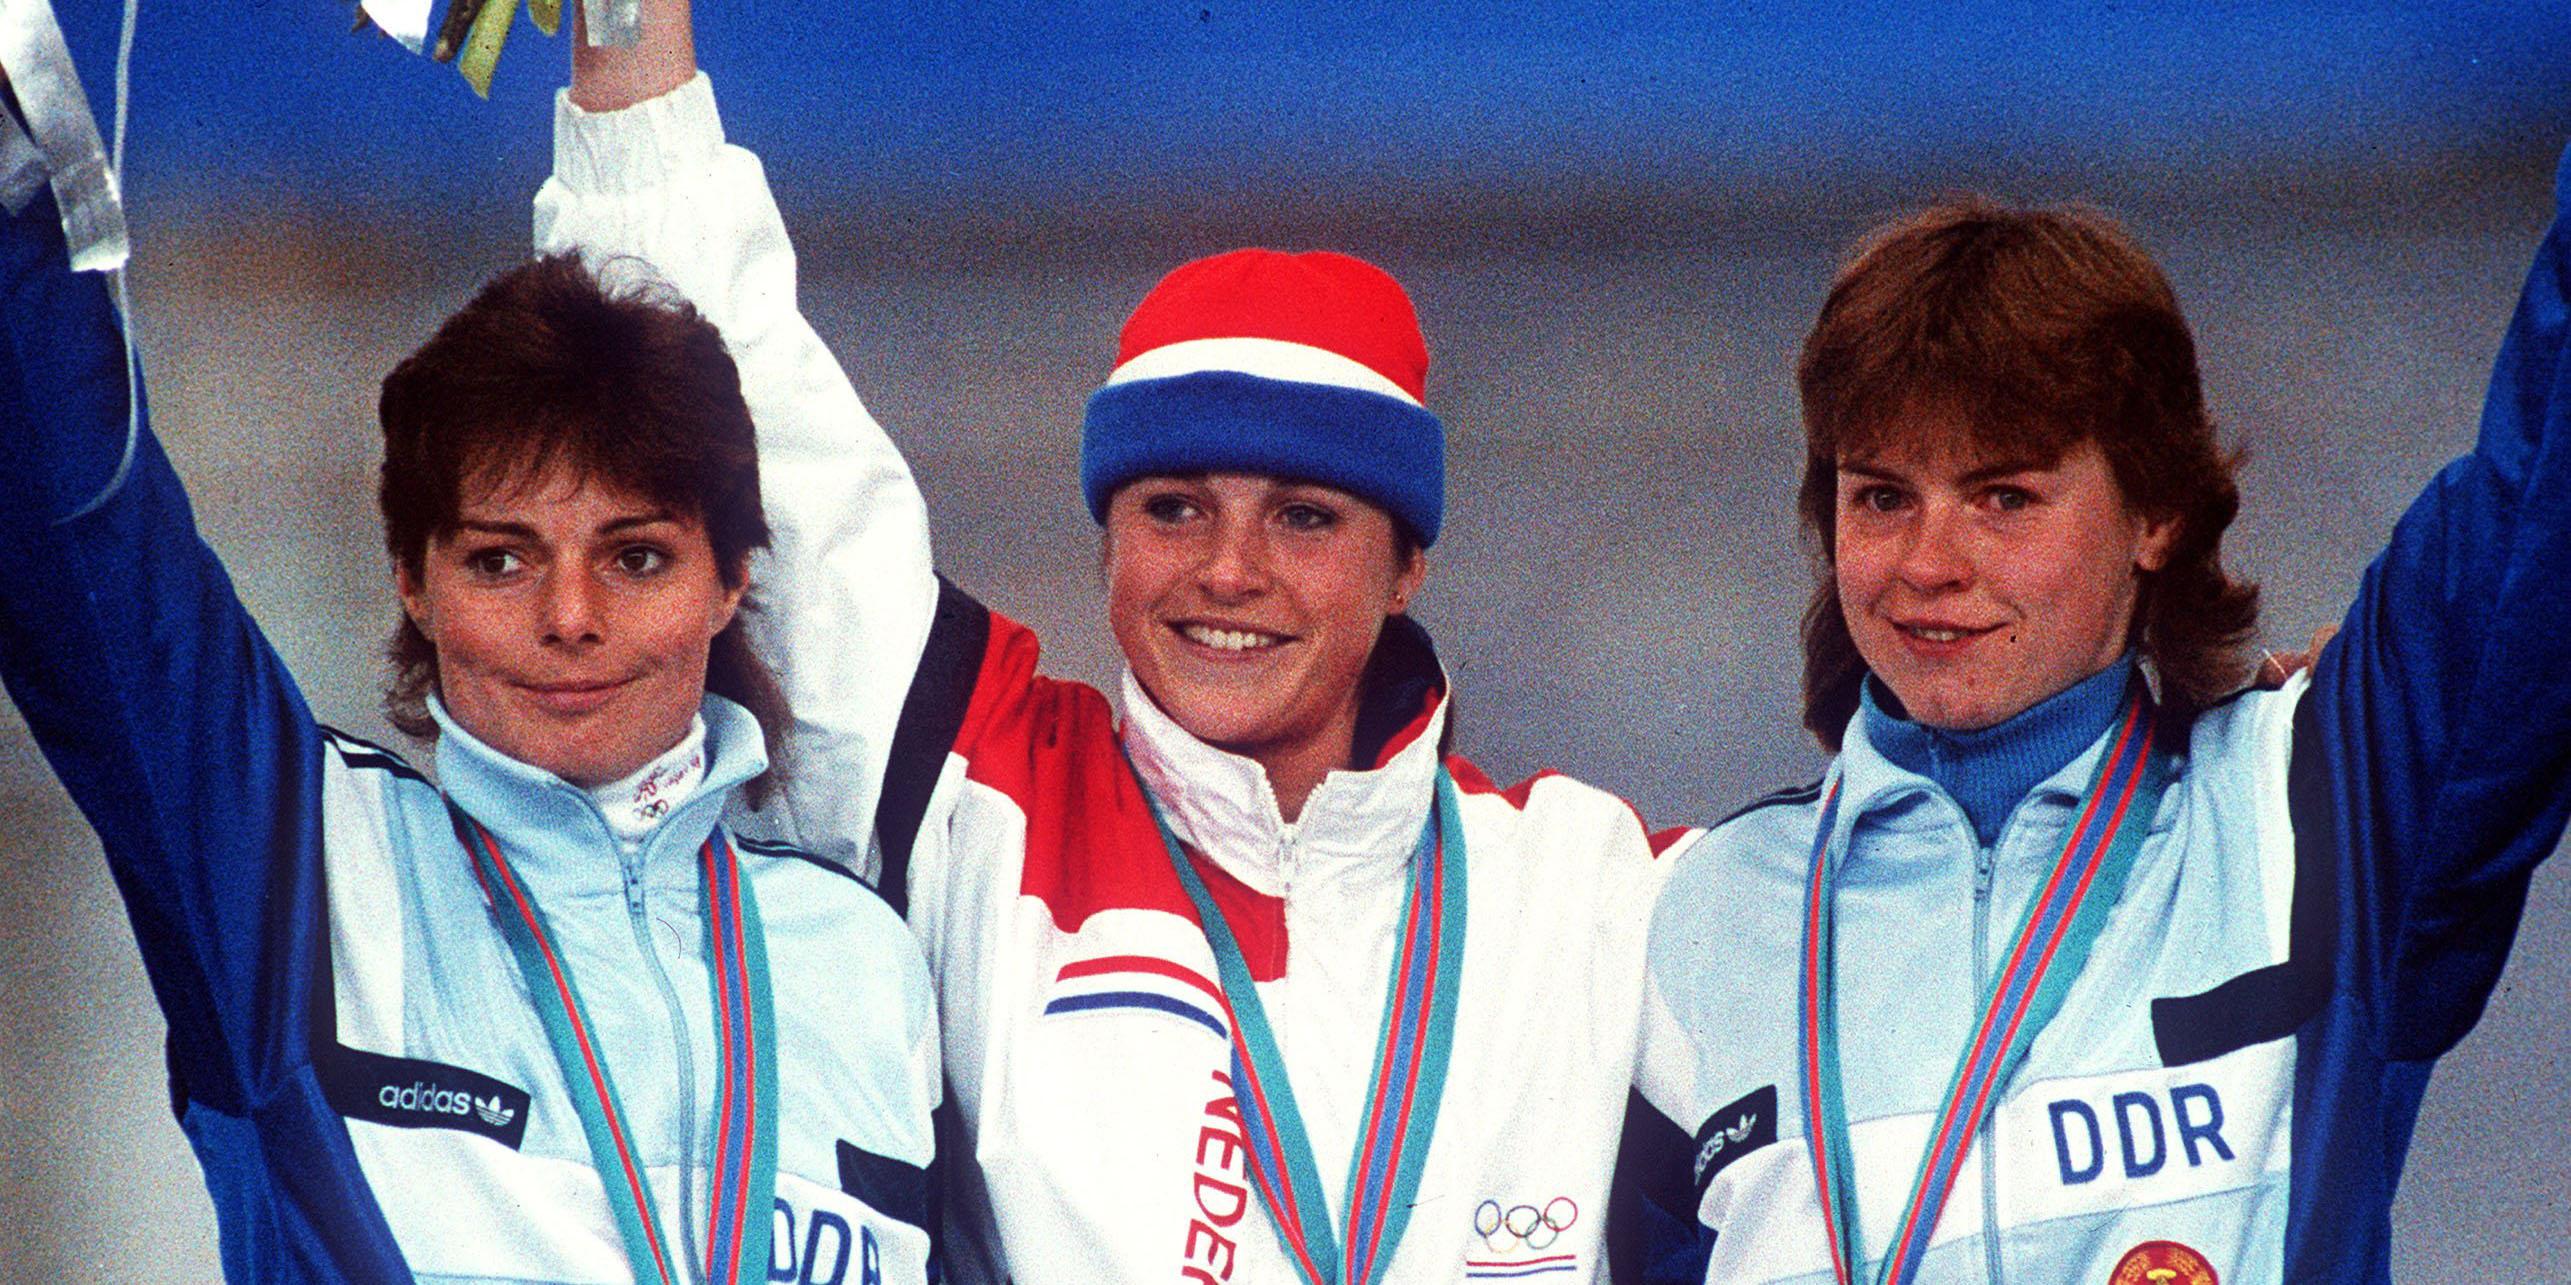 Olympische Winterspelen van Calgary 1988